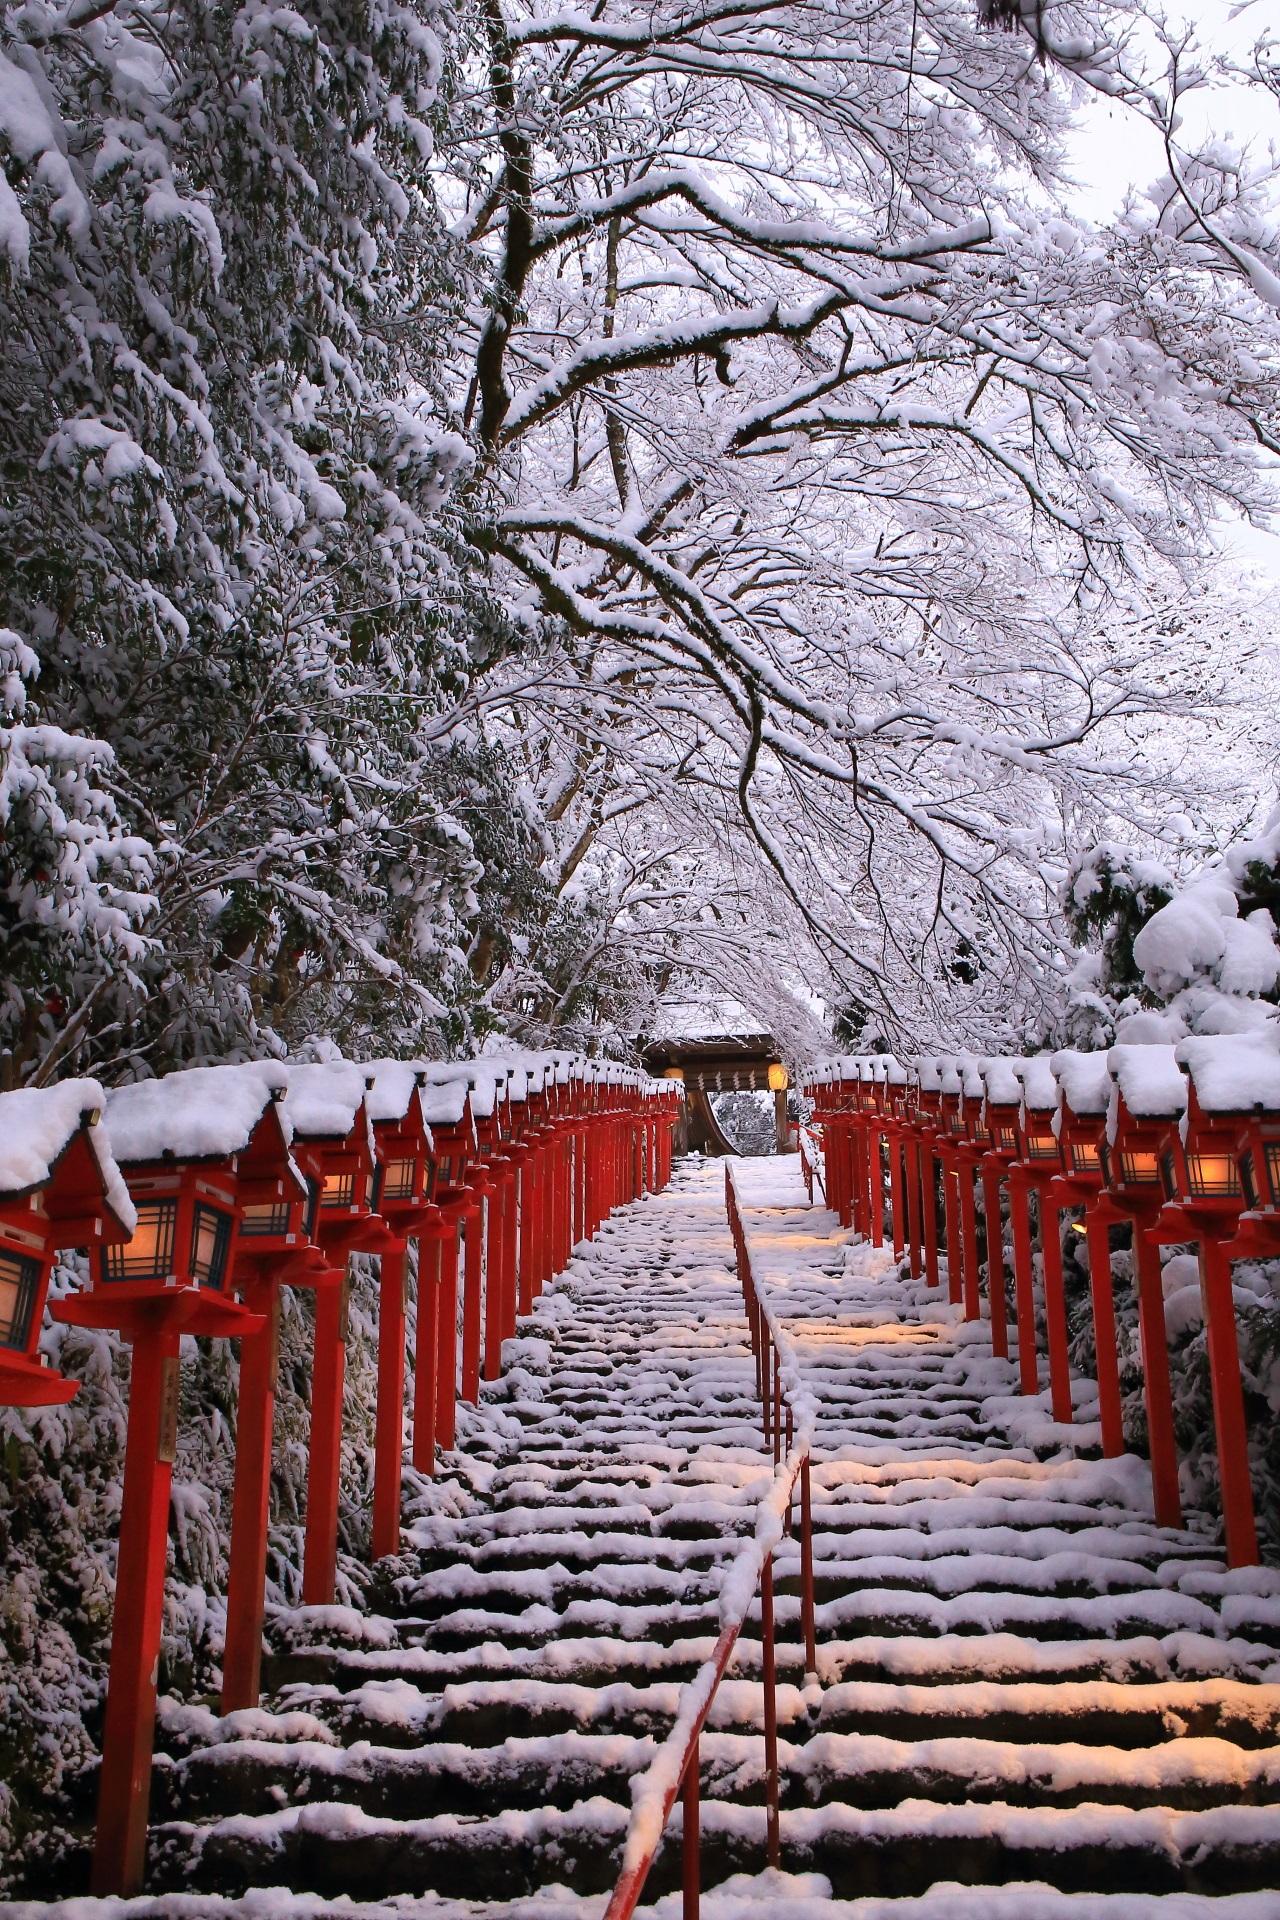 貴船神社の石段の上で優雅に咲く雪の花